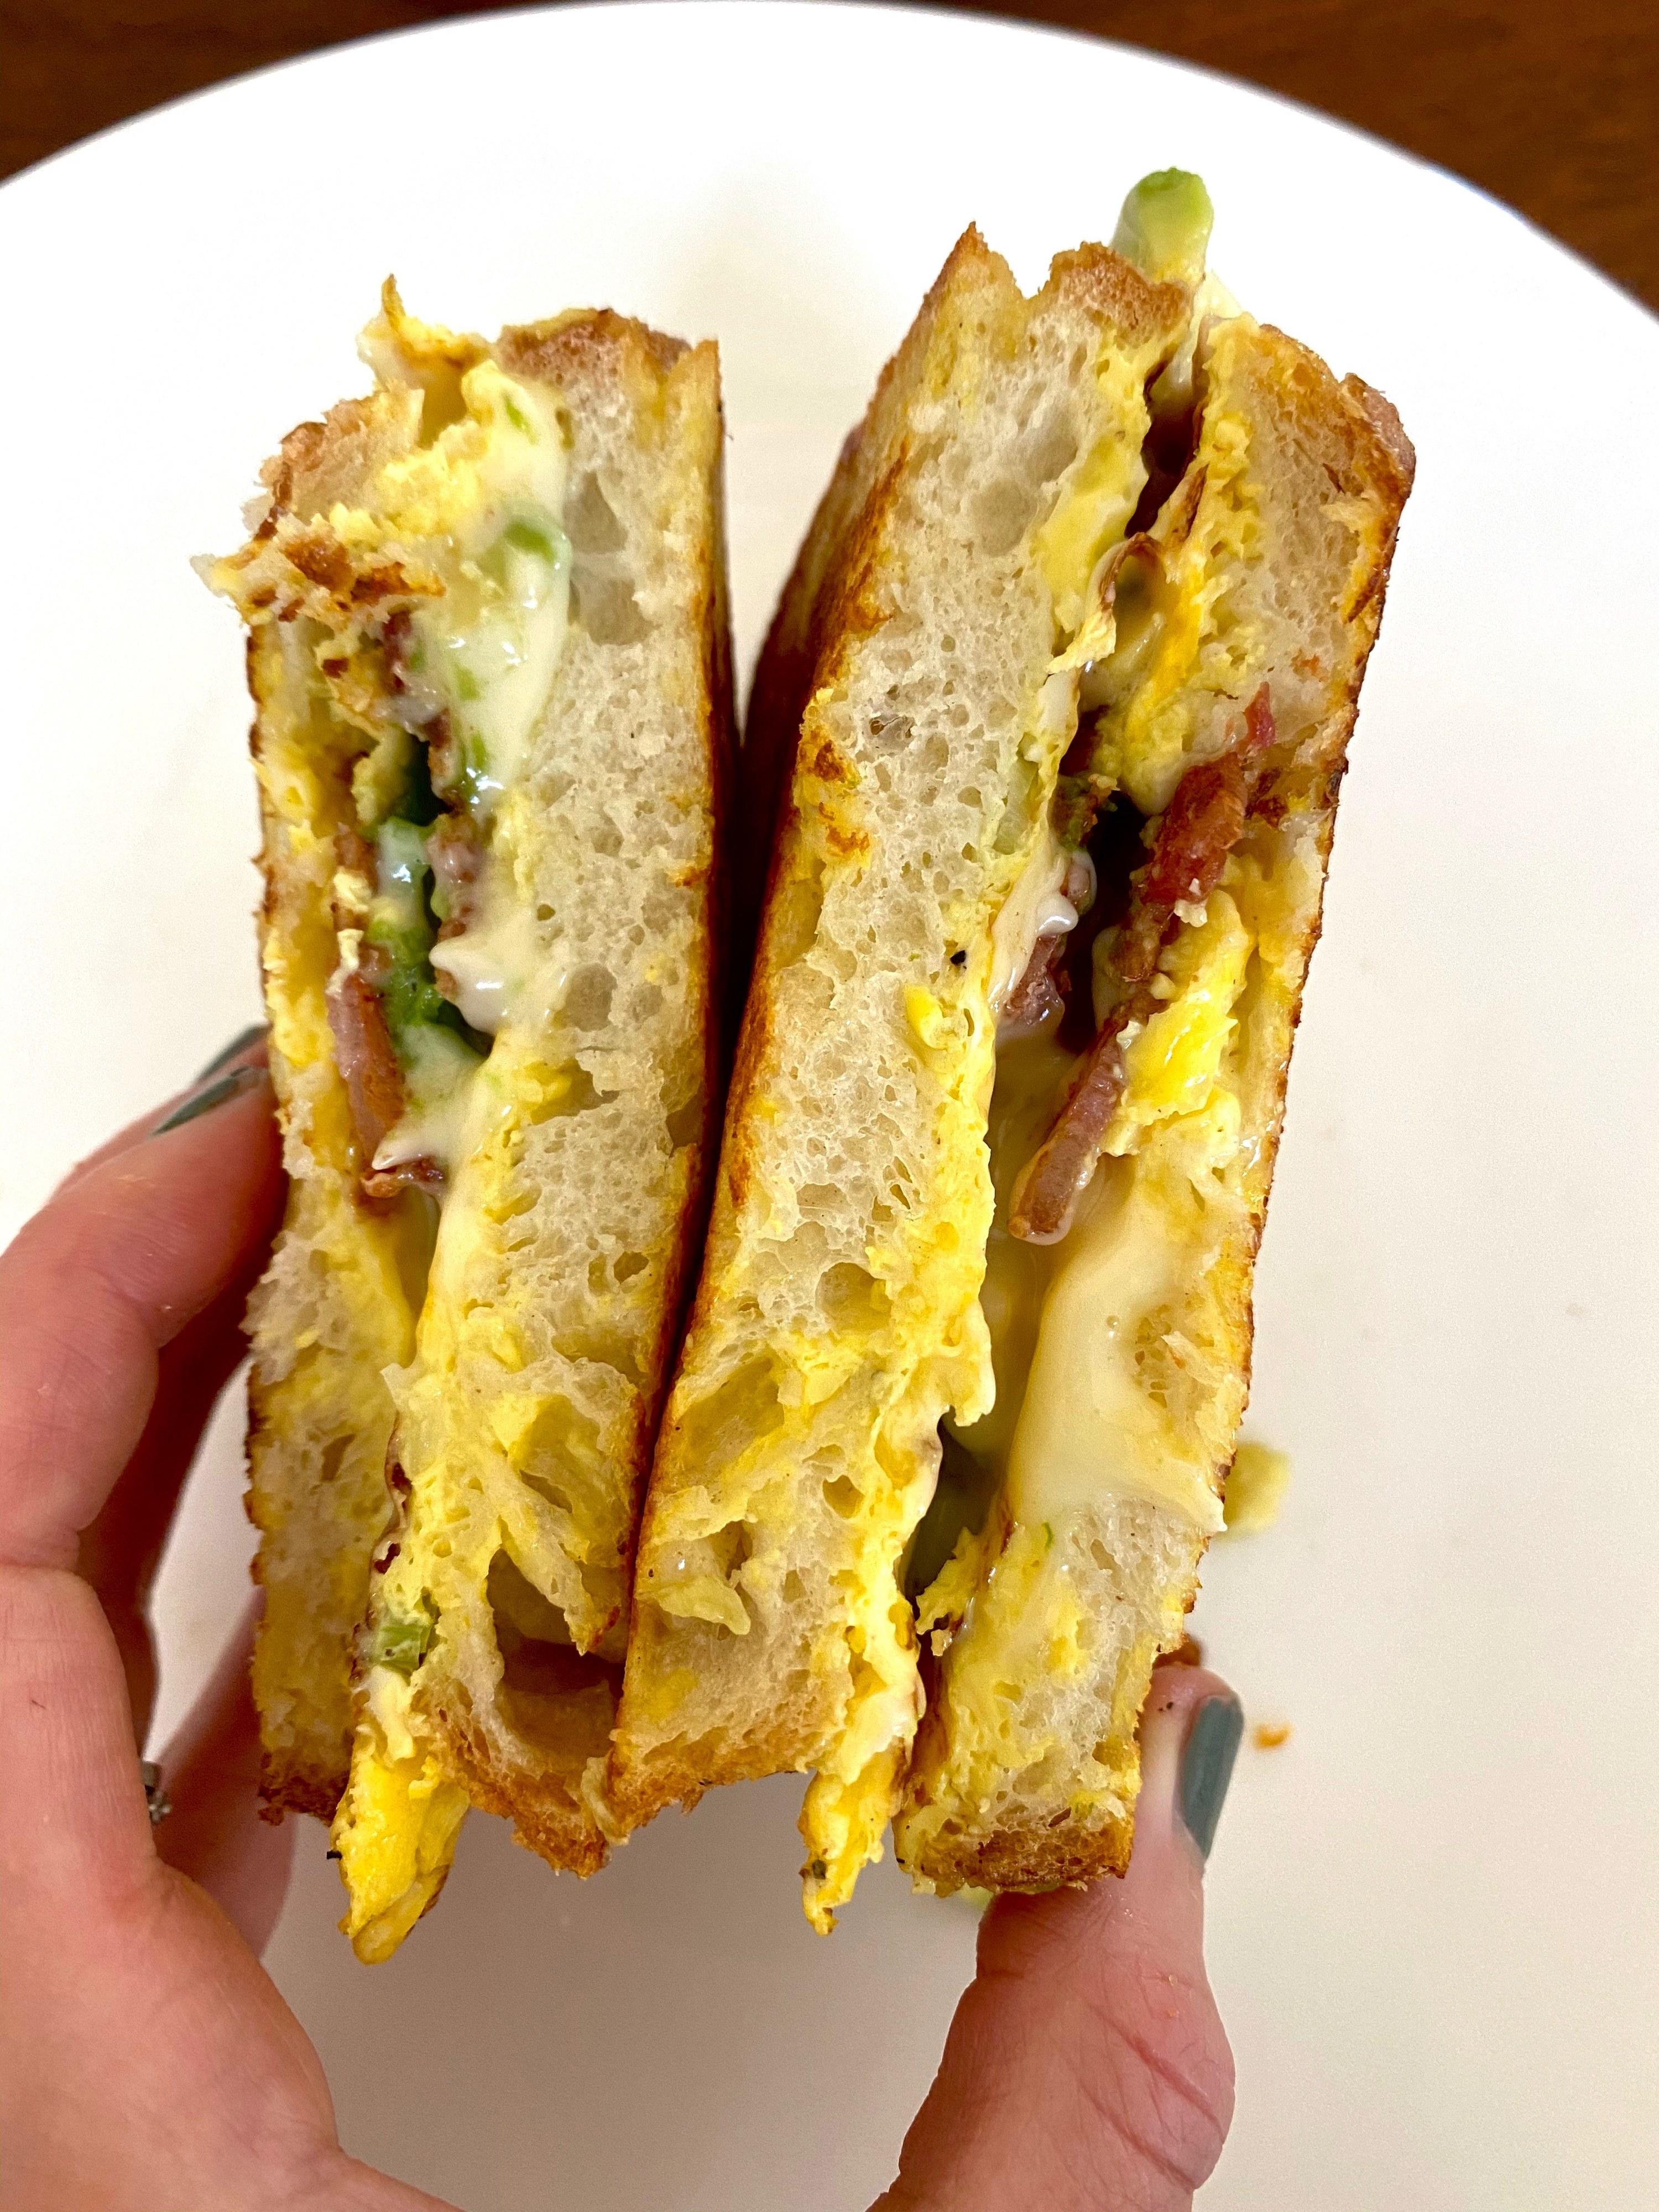 A cheesy breakfast sandwich sliced in half.